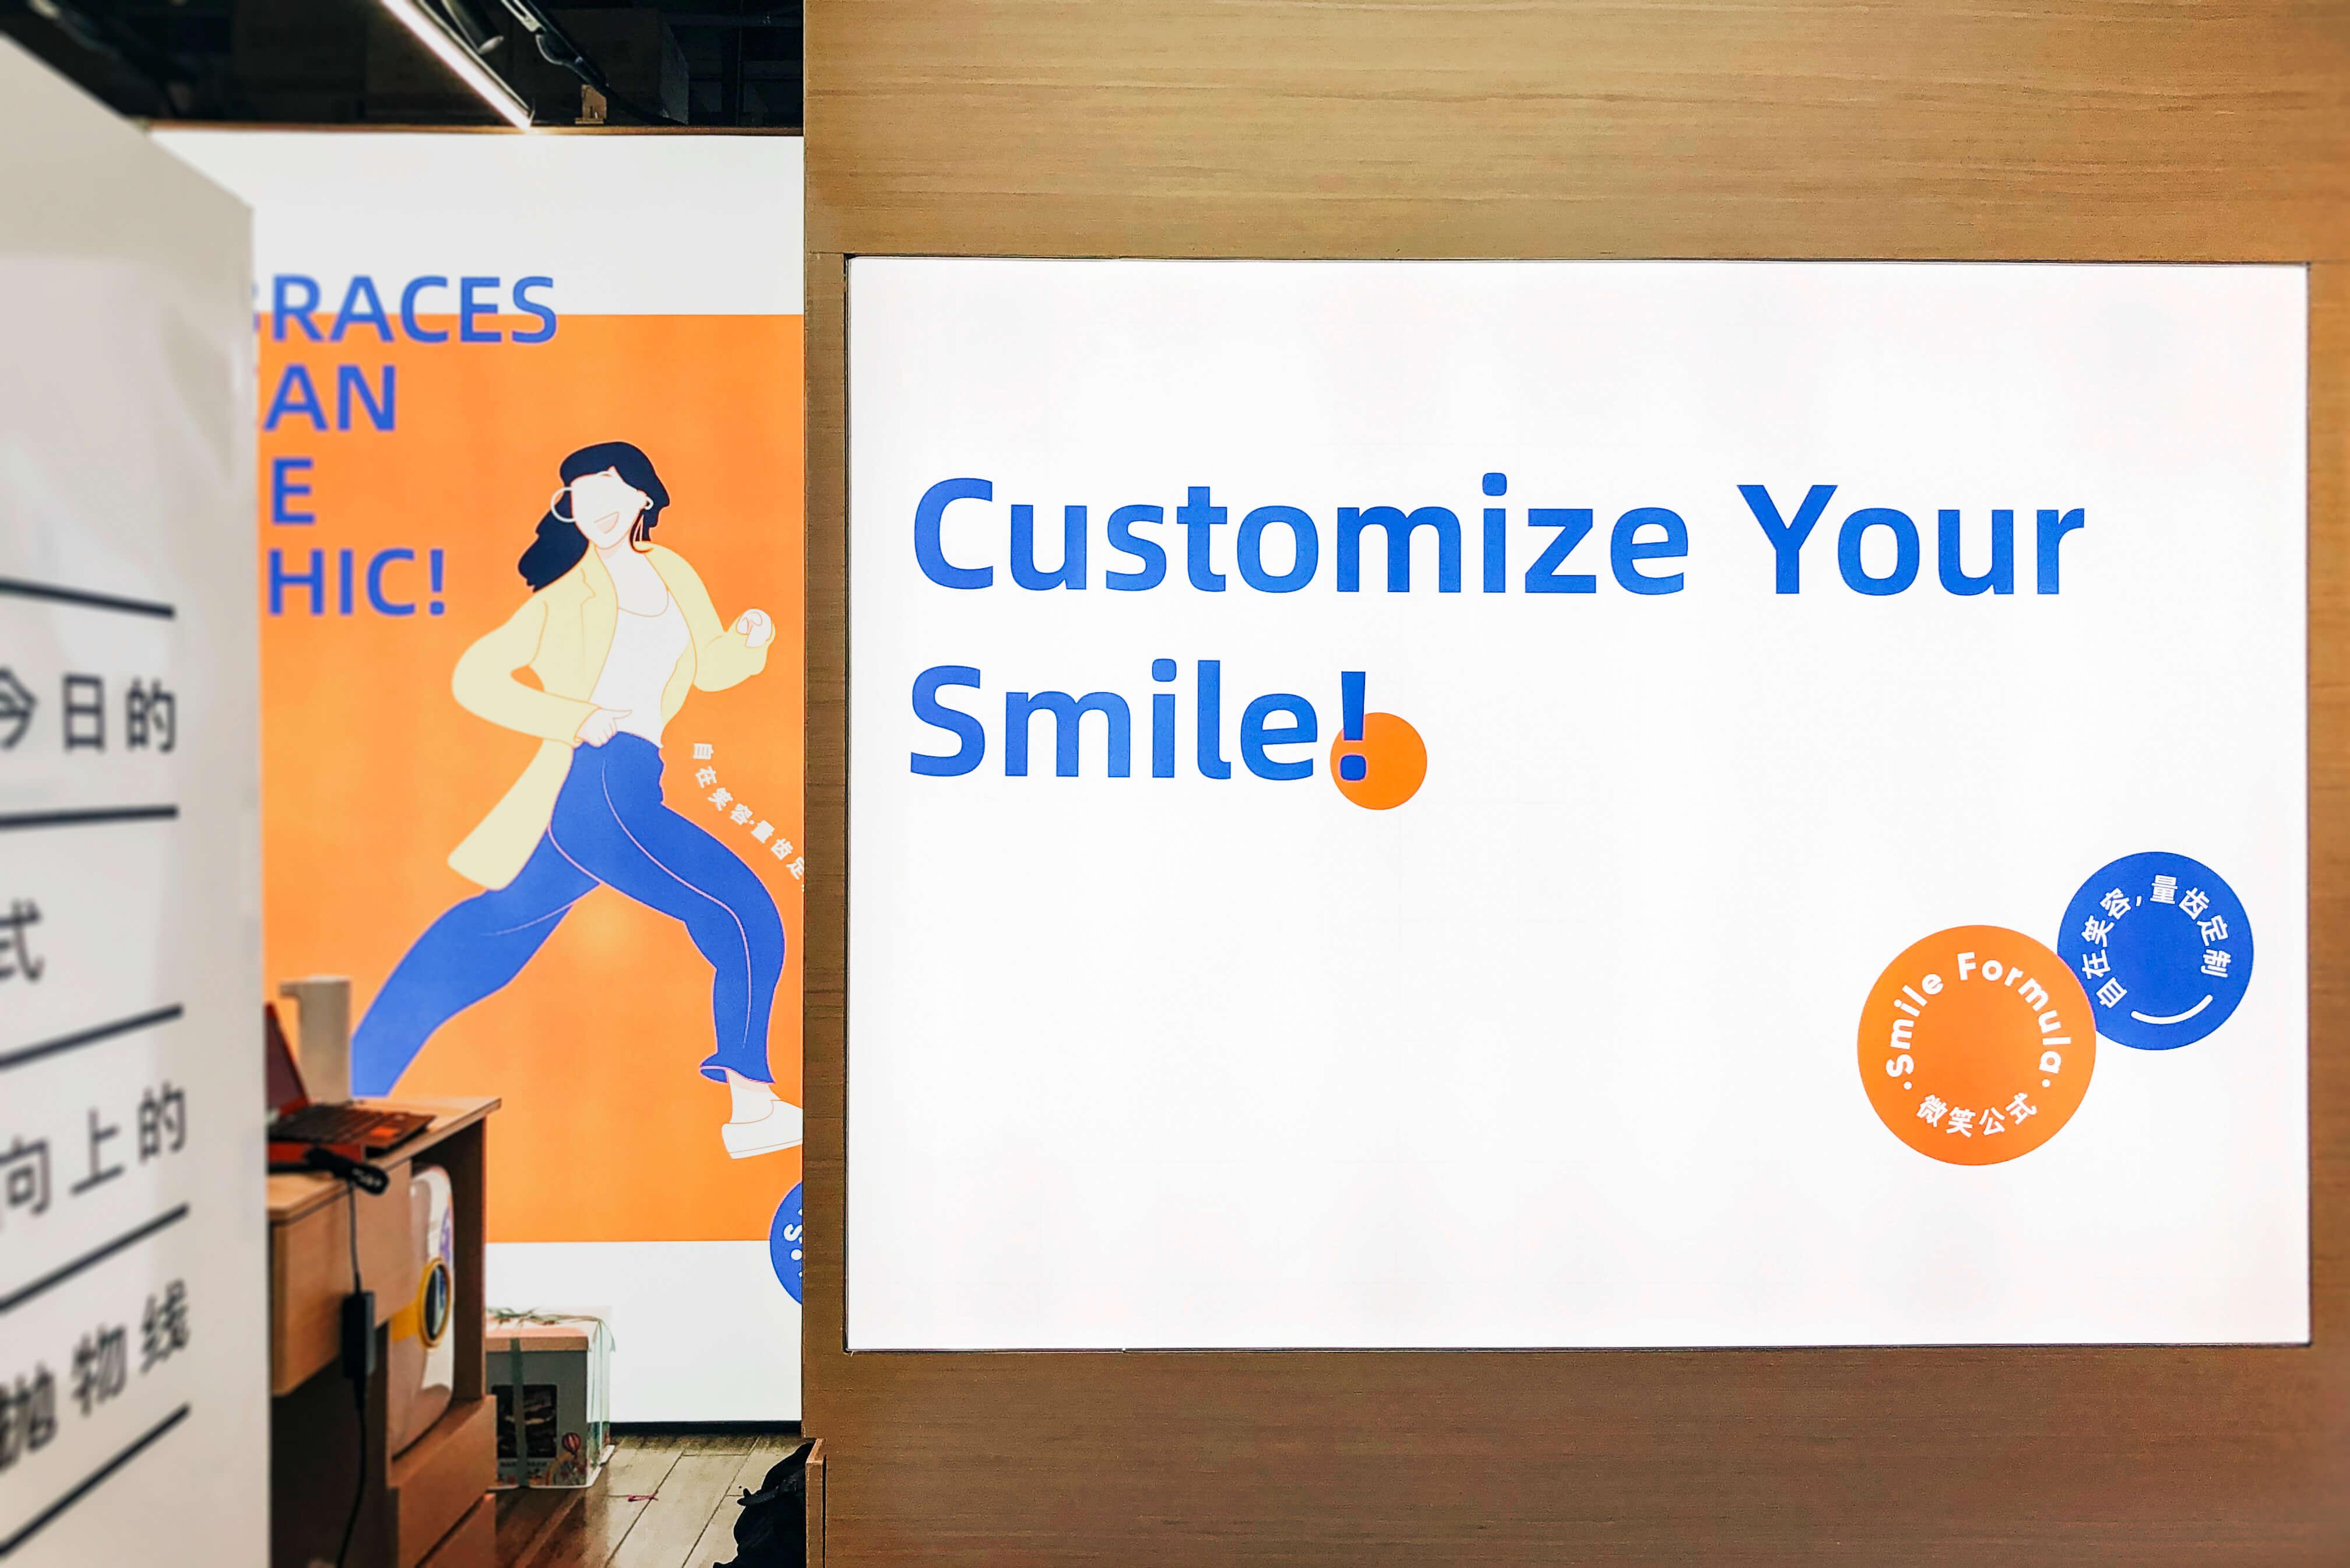 牙齿正畸消费品化,微笑公式想用 DTC 模式来解决牙齿矫正的高价难题